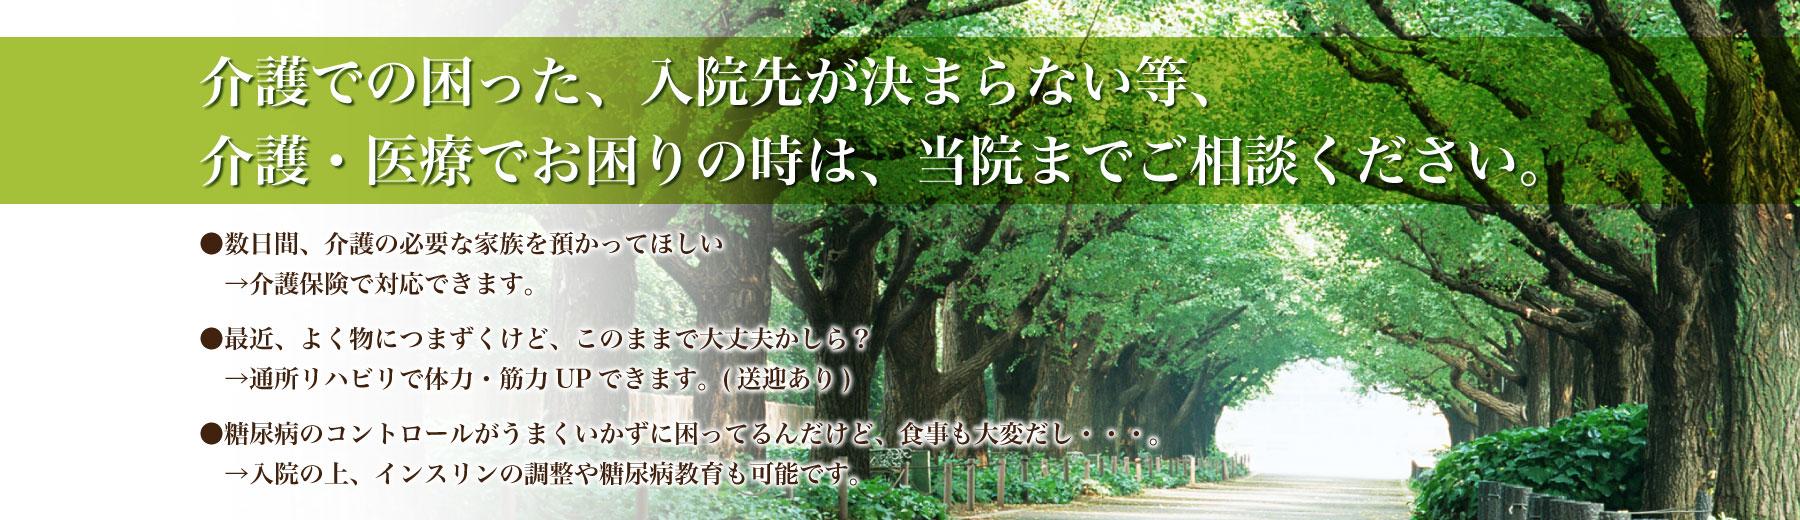 介護での困った、入院先が決まらない等、介護・医療でお困りの時は、医療法人古川病院までご相談ください。